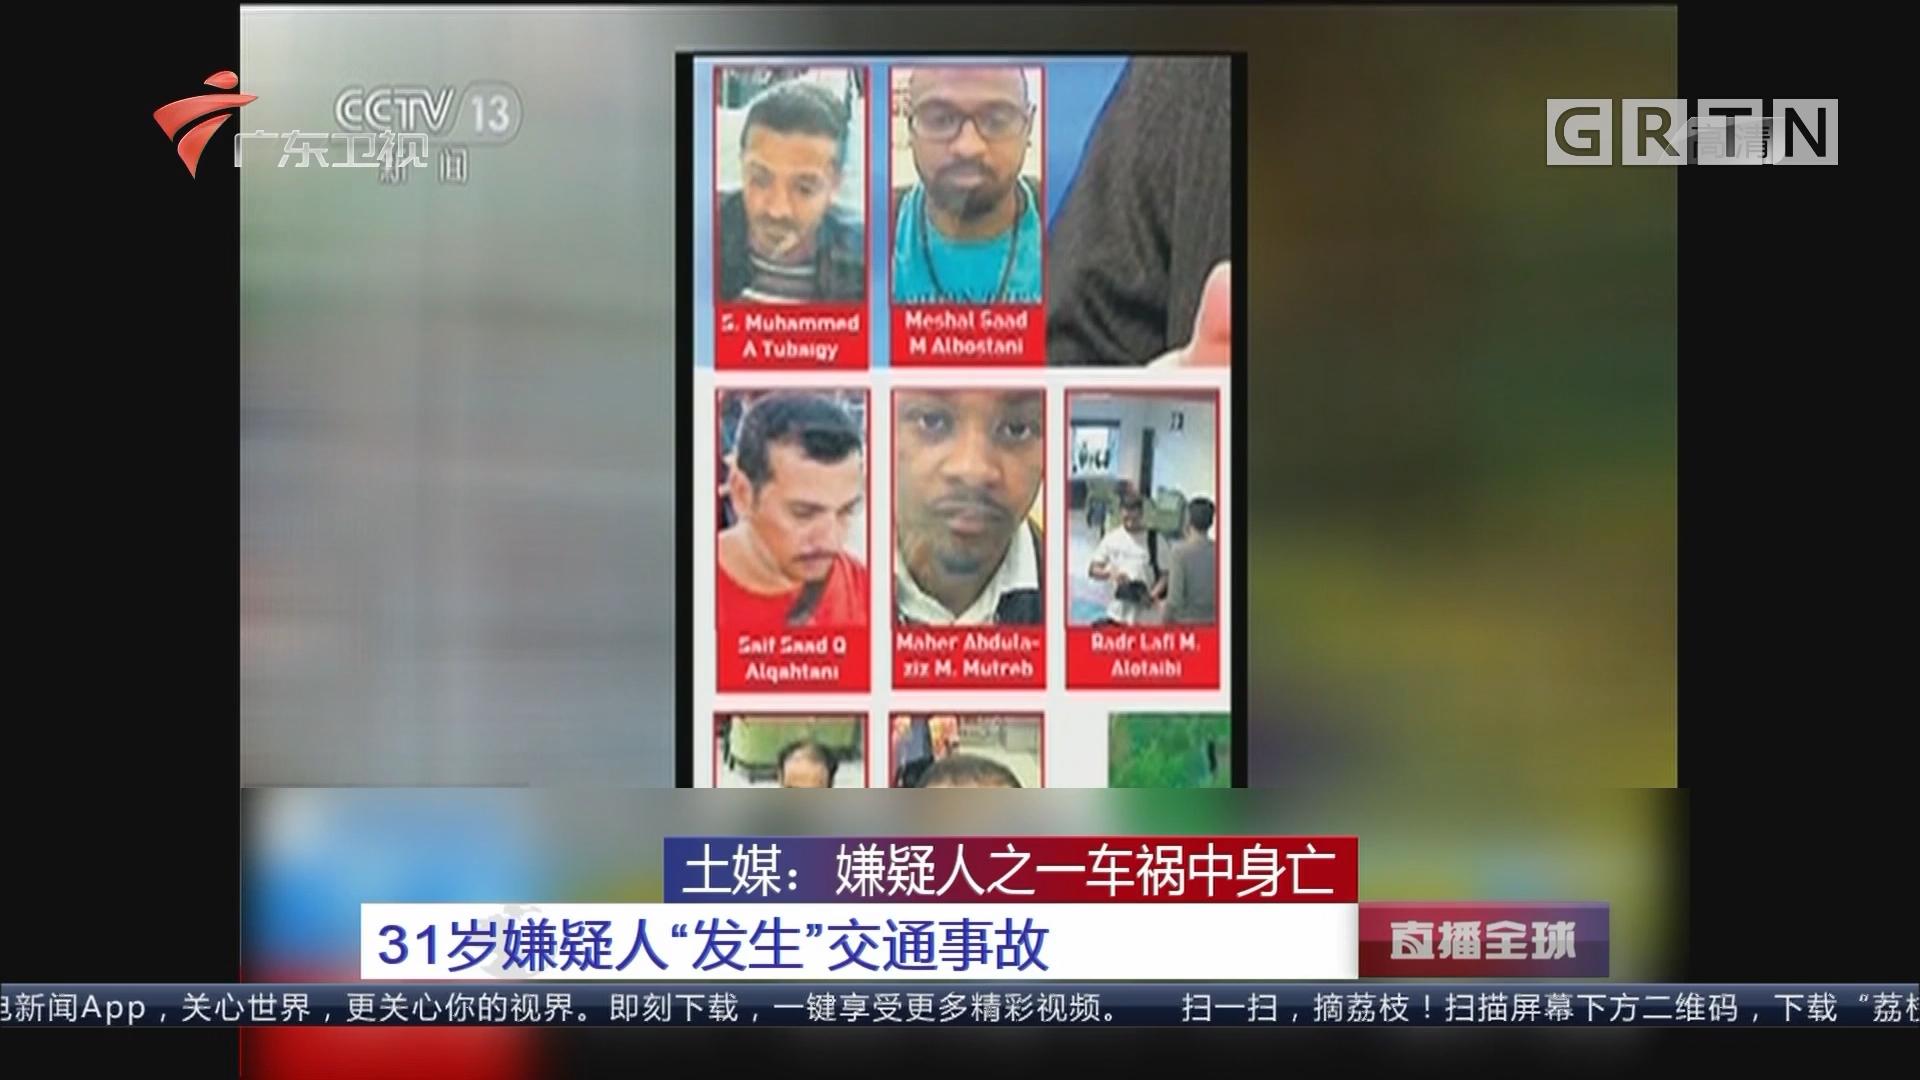 """土媒:嫌疑人之一车祸中身亡 31岁嫌疑人""""发生""""交通事故"""